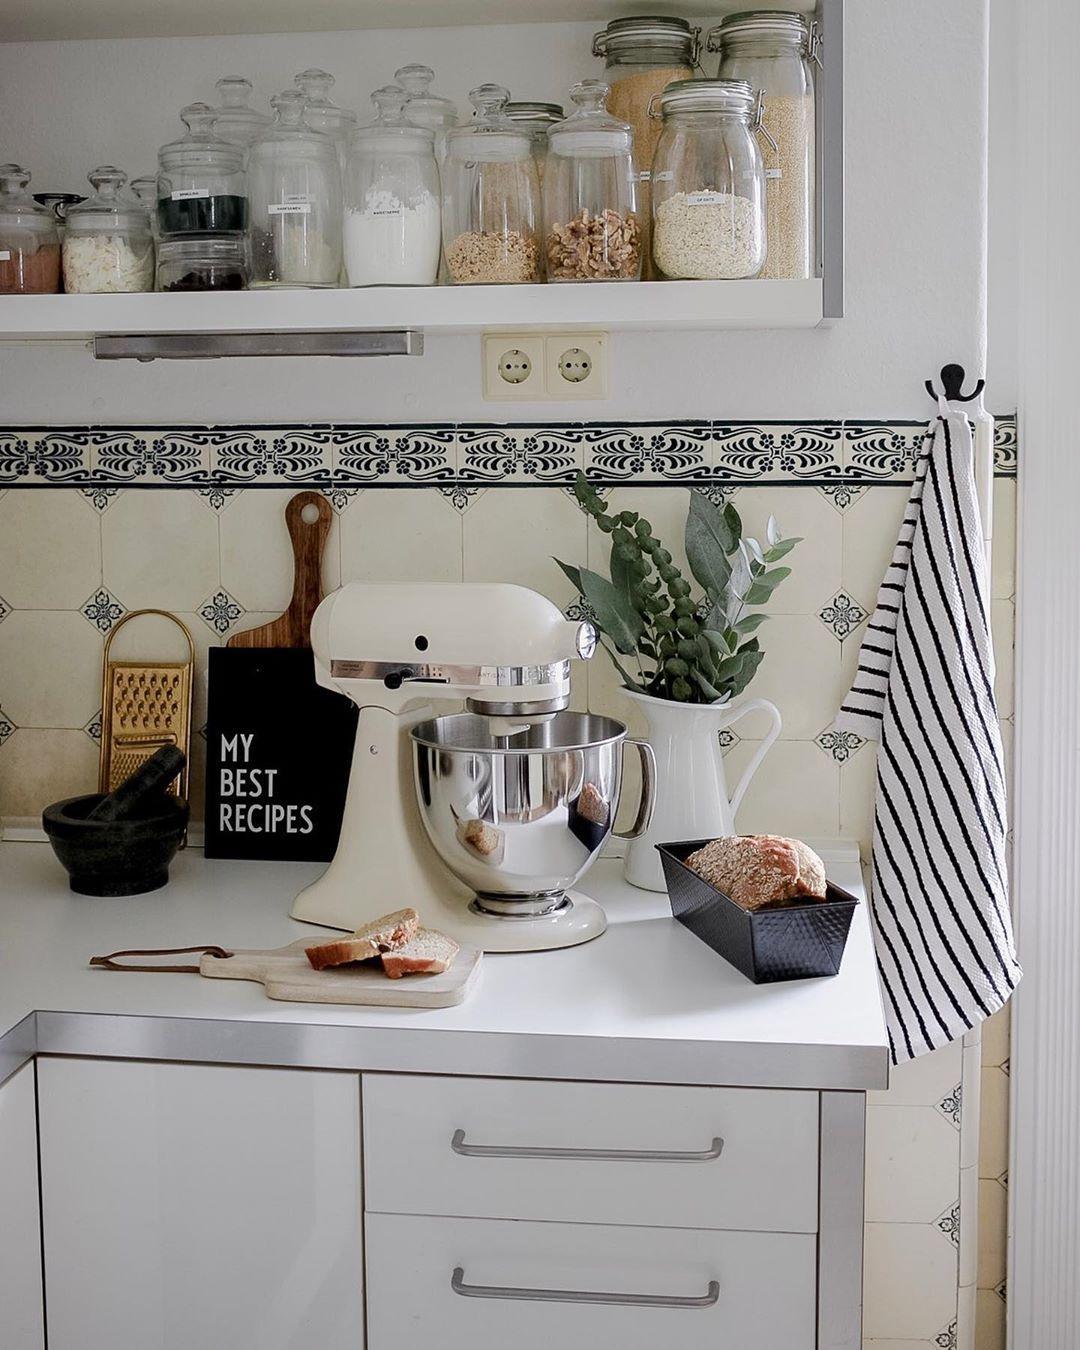 Full Size of Kchendeko So Wirds Wohnlich Polsterbank Küche Mülltonne Salamander Wickelbrett Für Bett Bodenbelag Ohne Geräte Kaufen Günstig Nischenrückwand Tapeten Küche Deko Für Küche